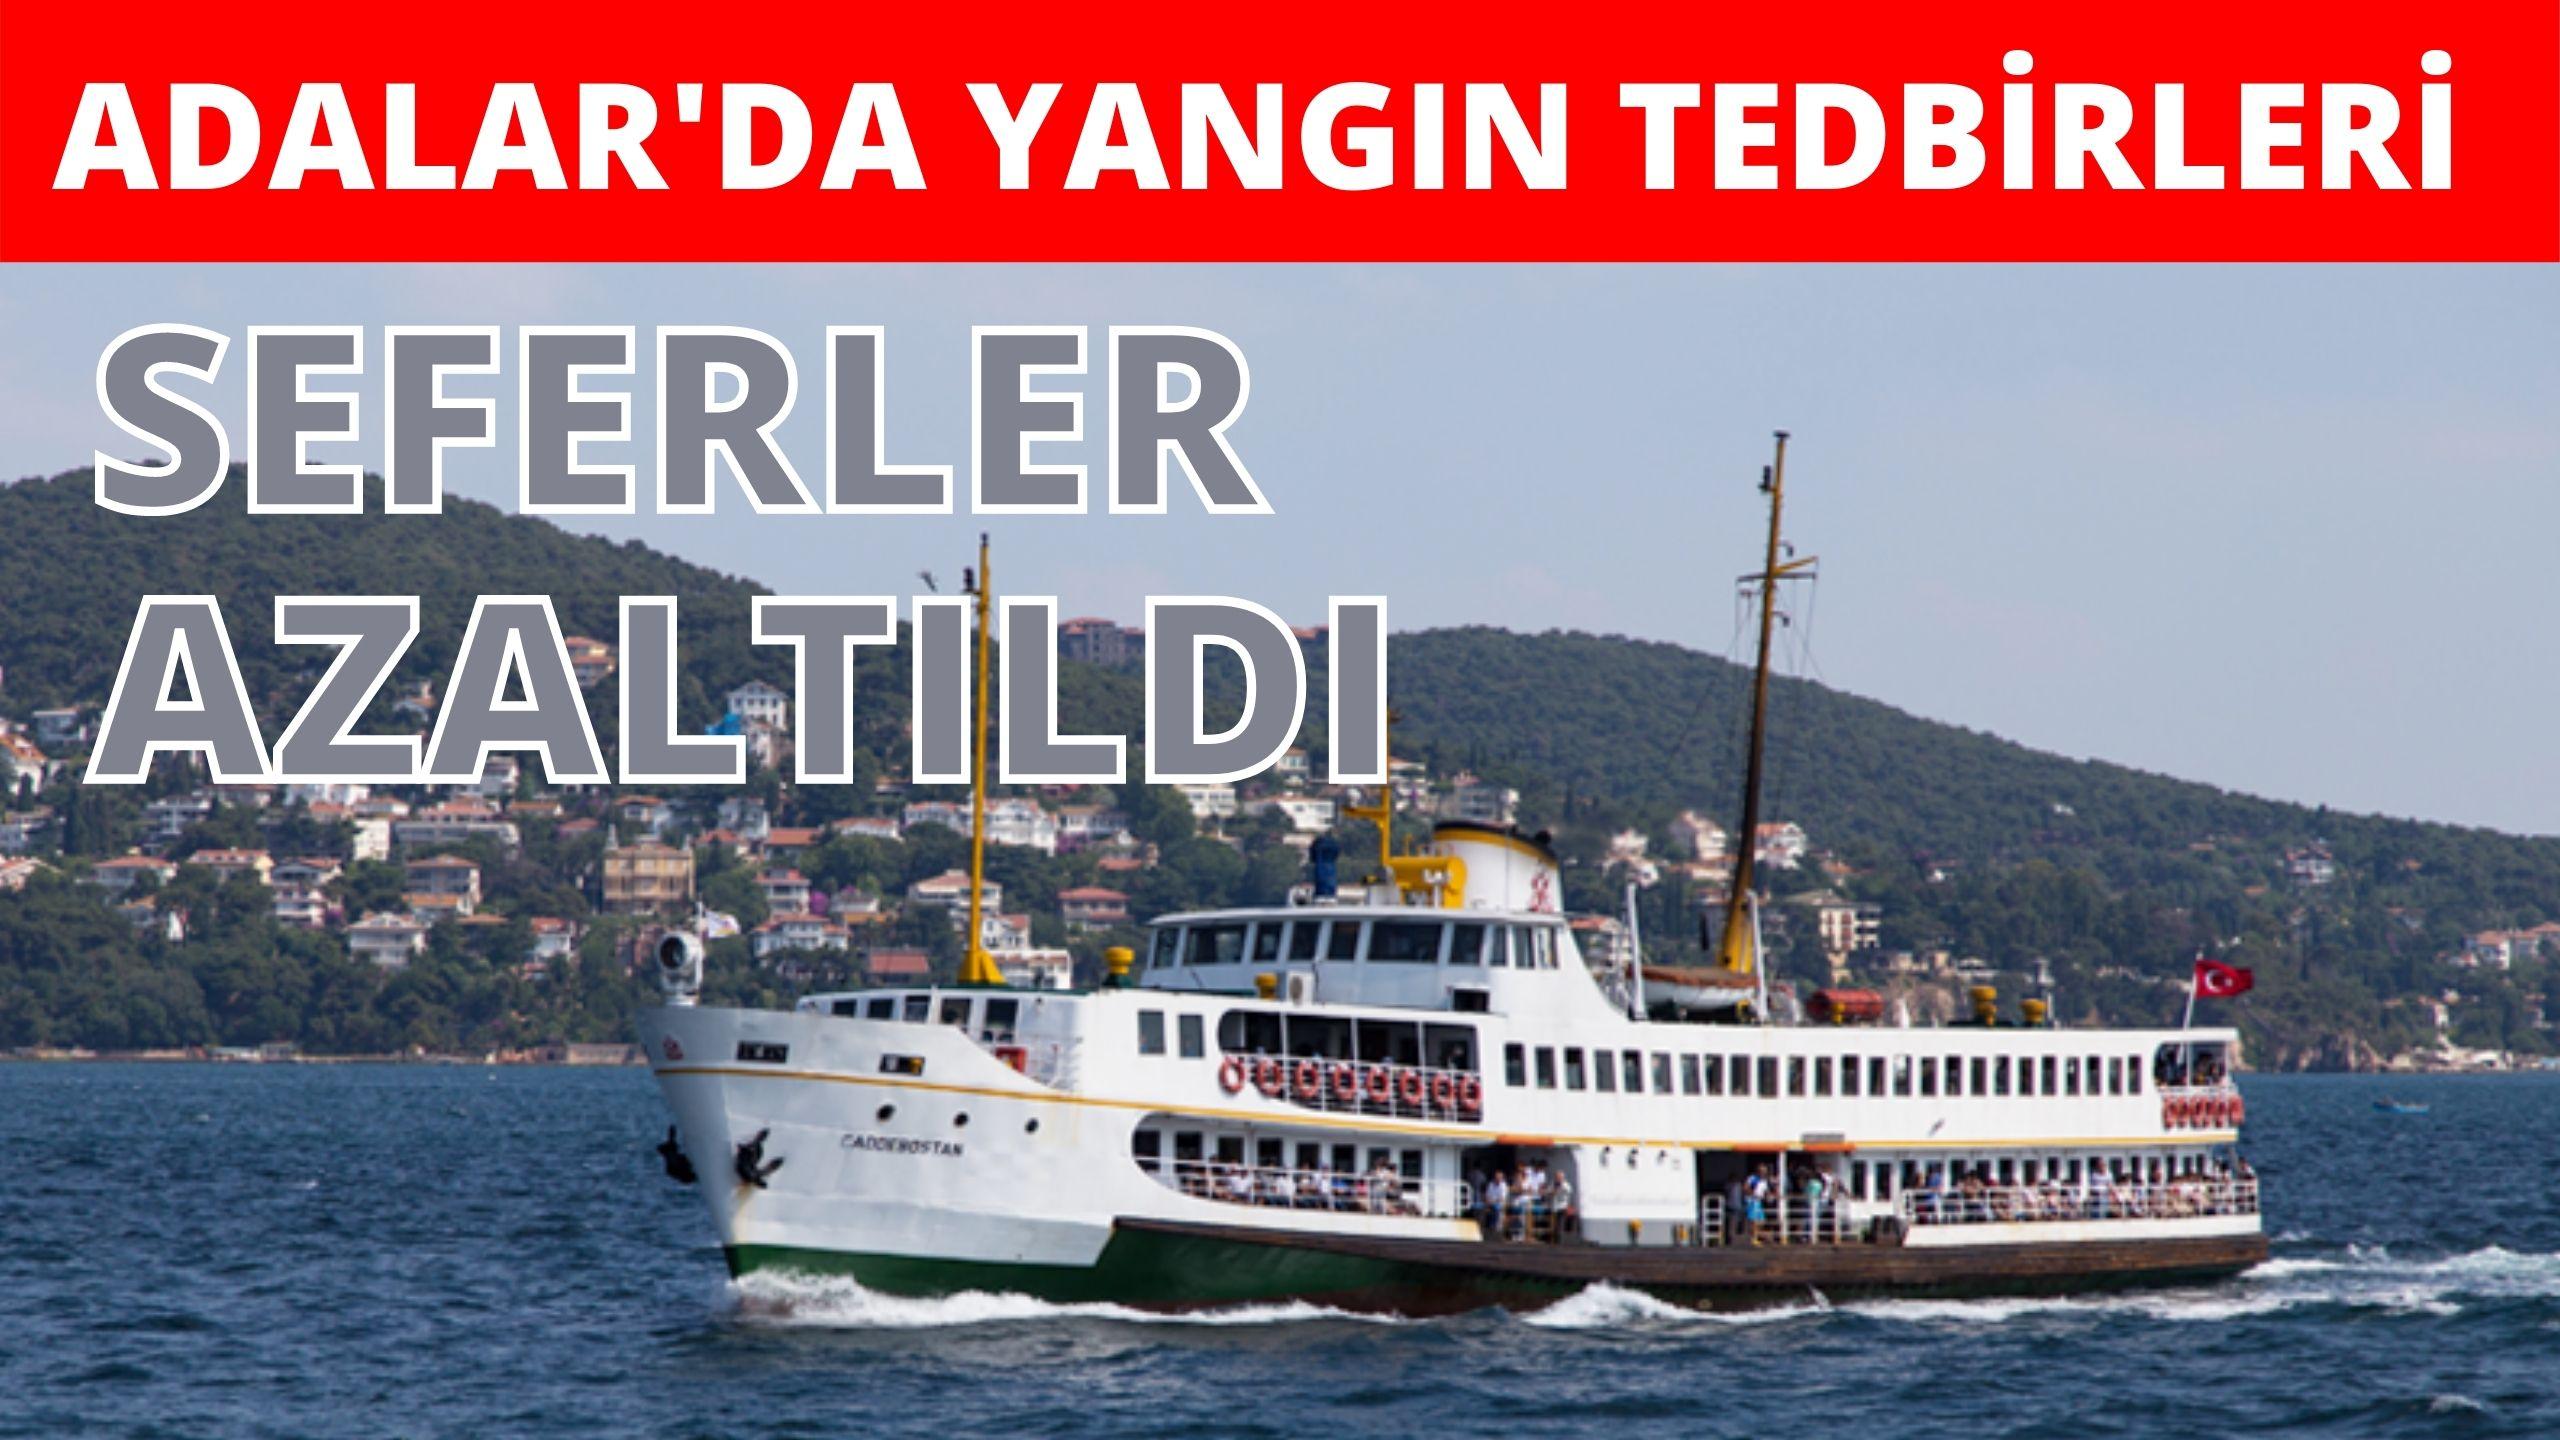 ADALAR'DA VAPUR SEFERLERİ AZALTILDI